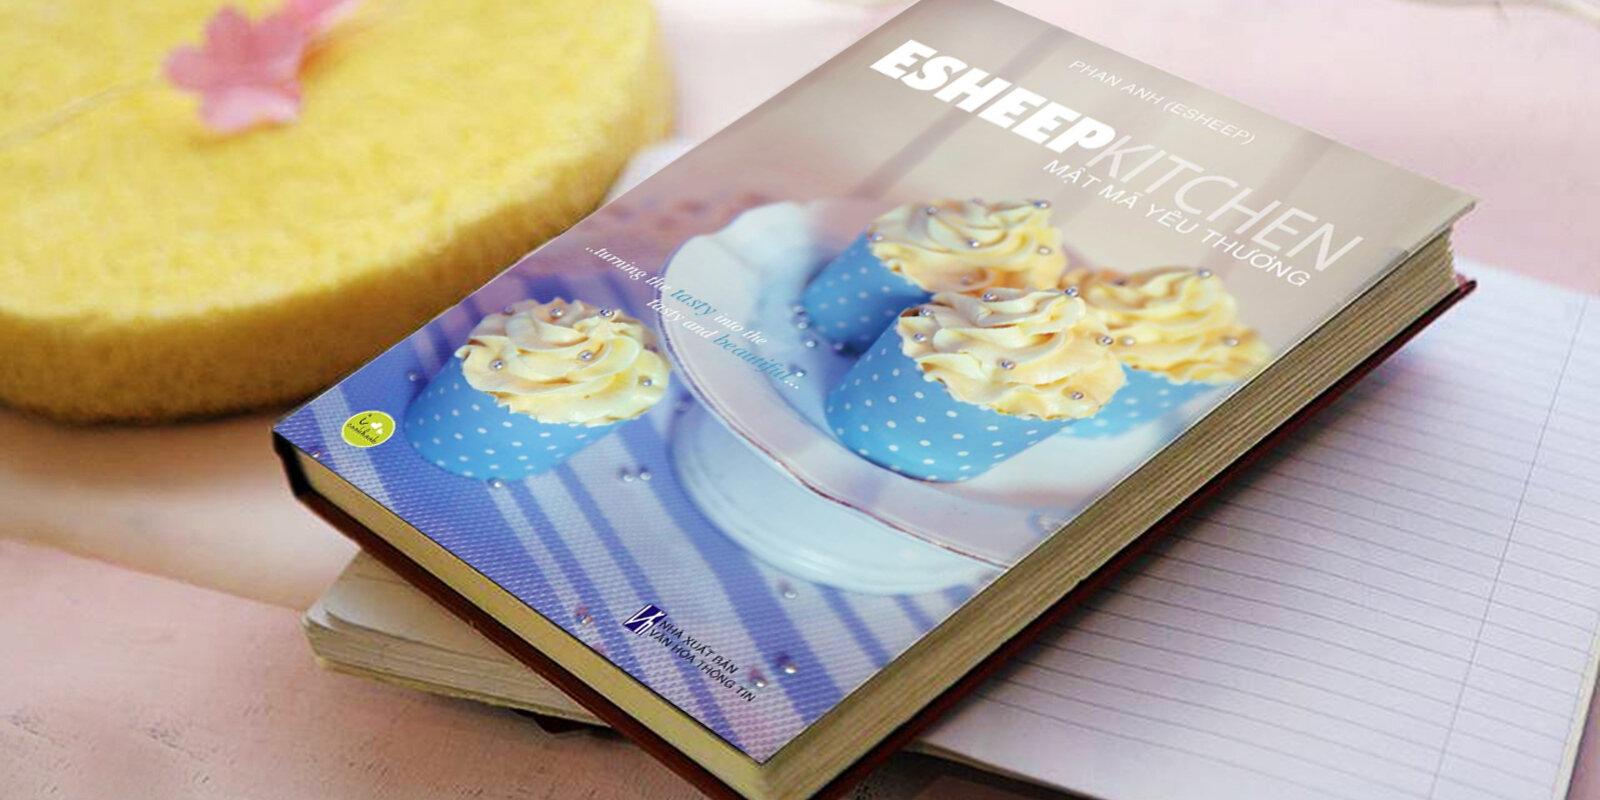 Sách dạy làm bánh